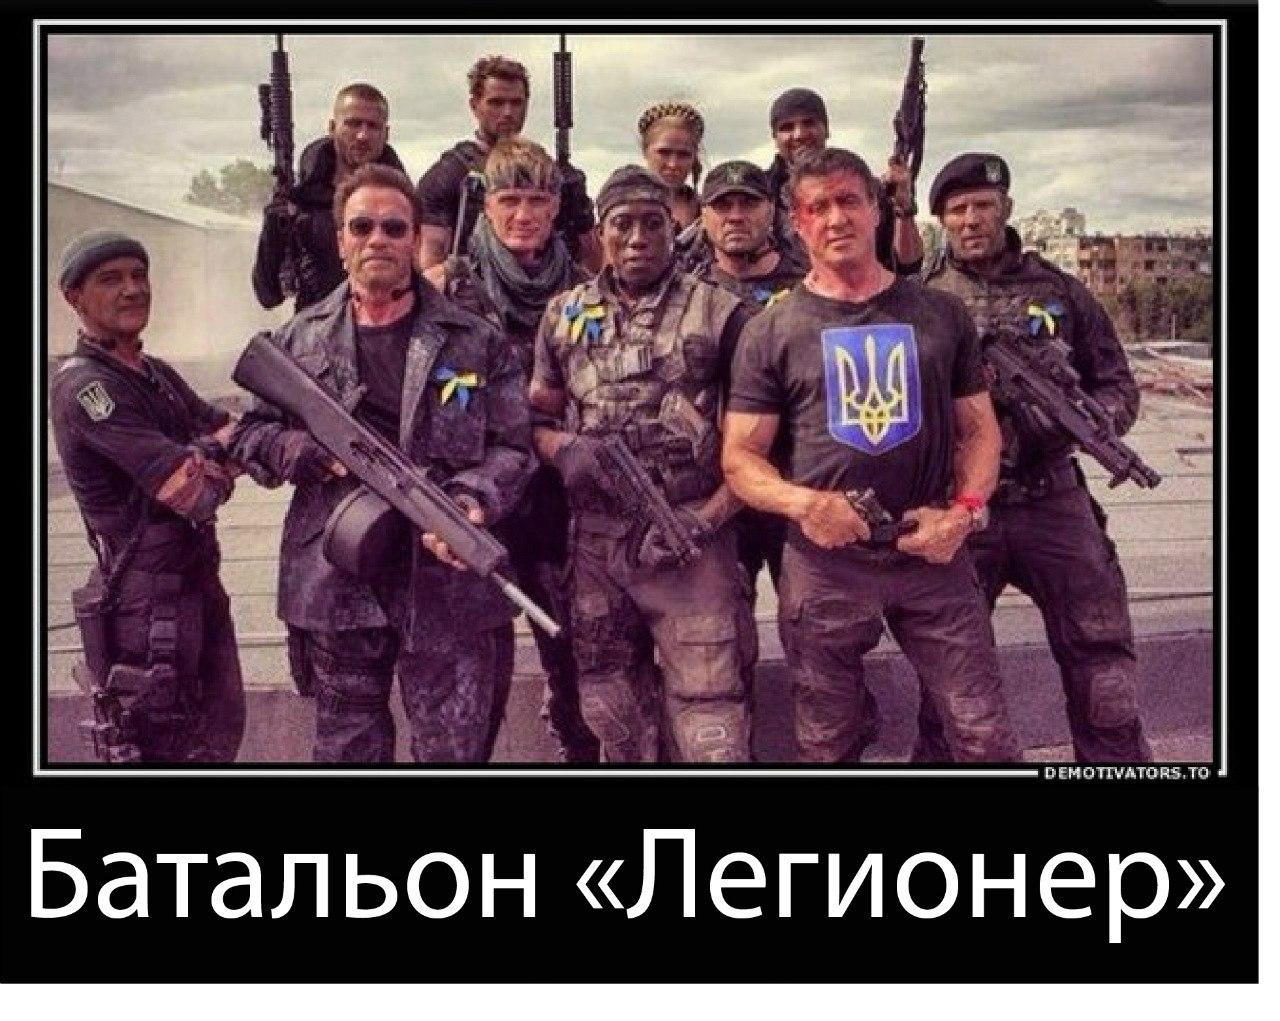 Фонд обороны каждый день отправляет несколько машин для украинской армии, - журналист - Цензор.НЕТ 2947